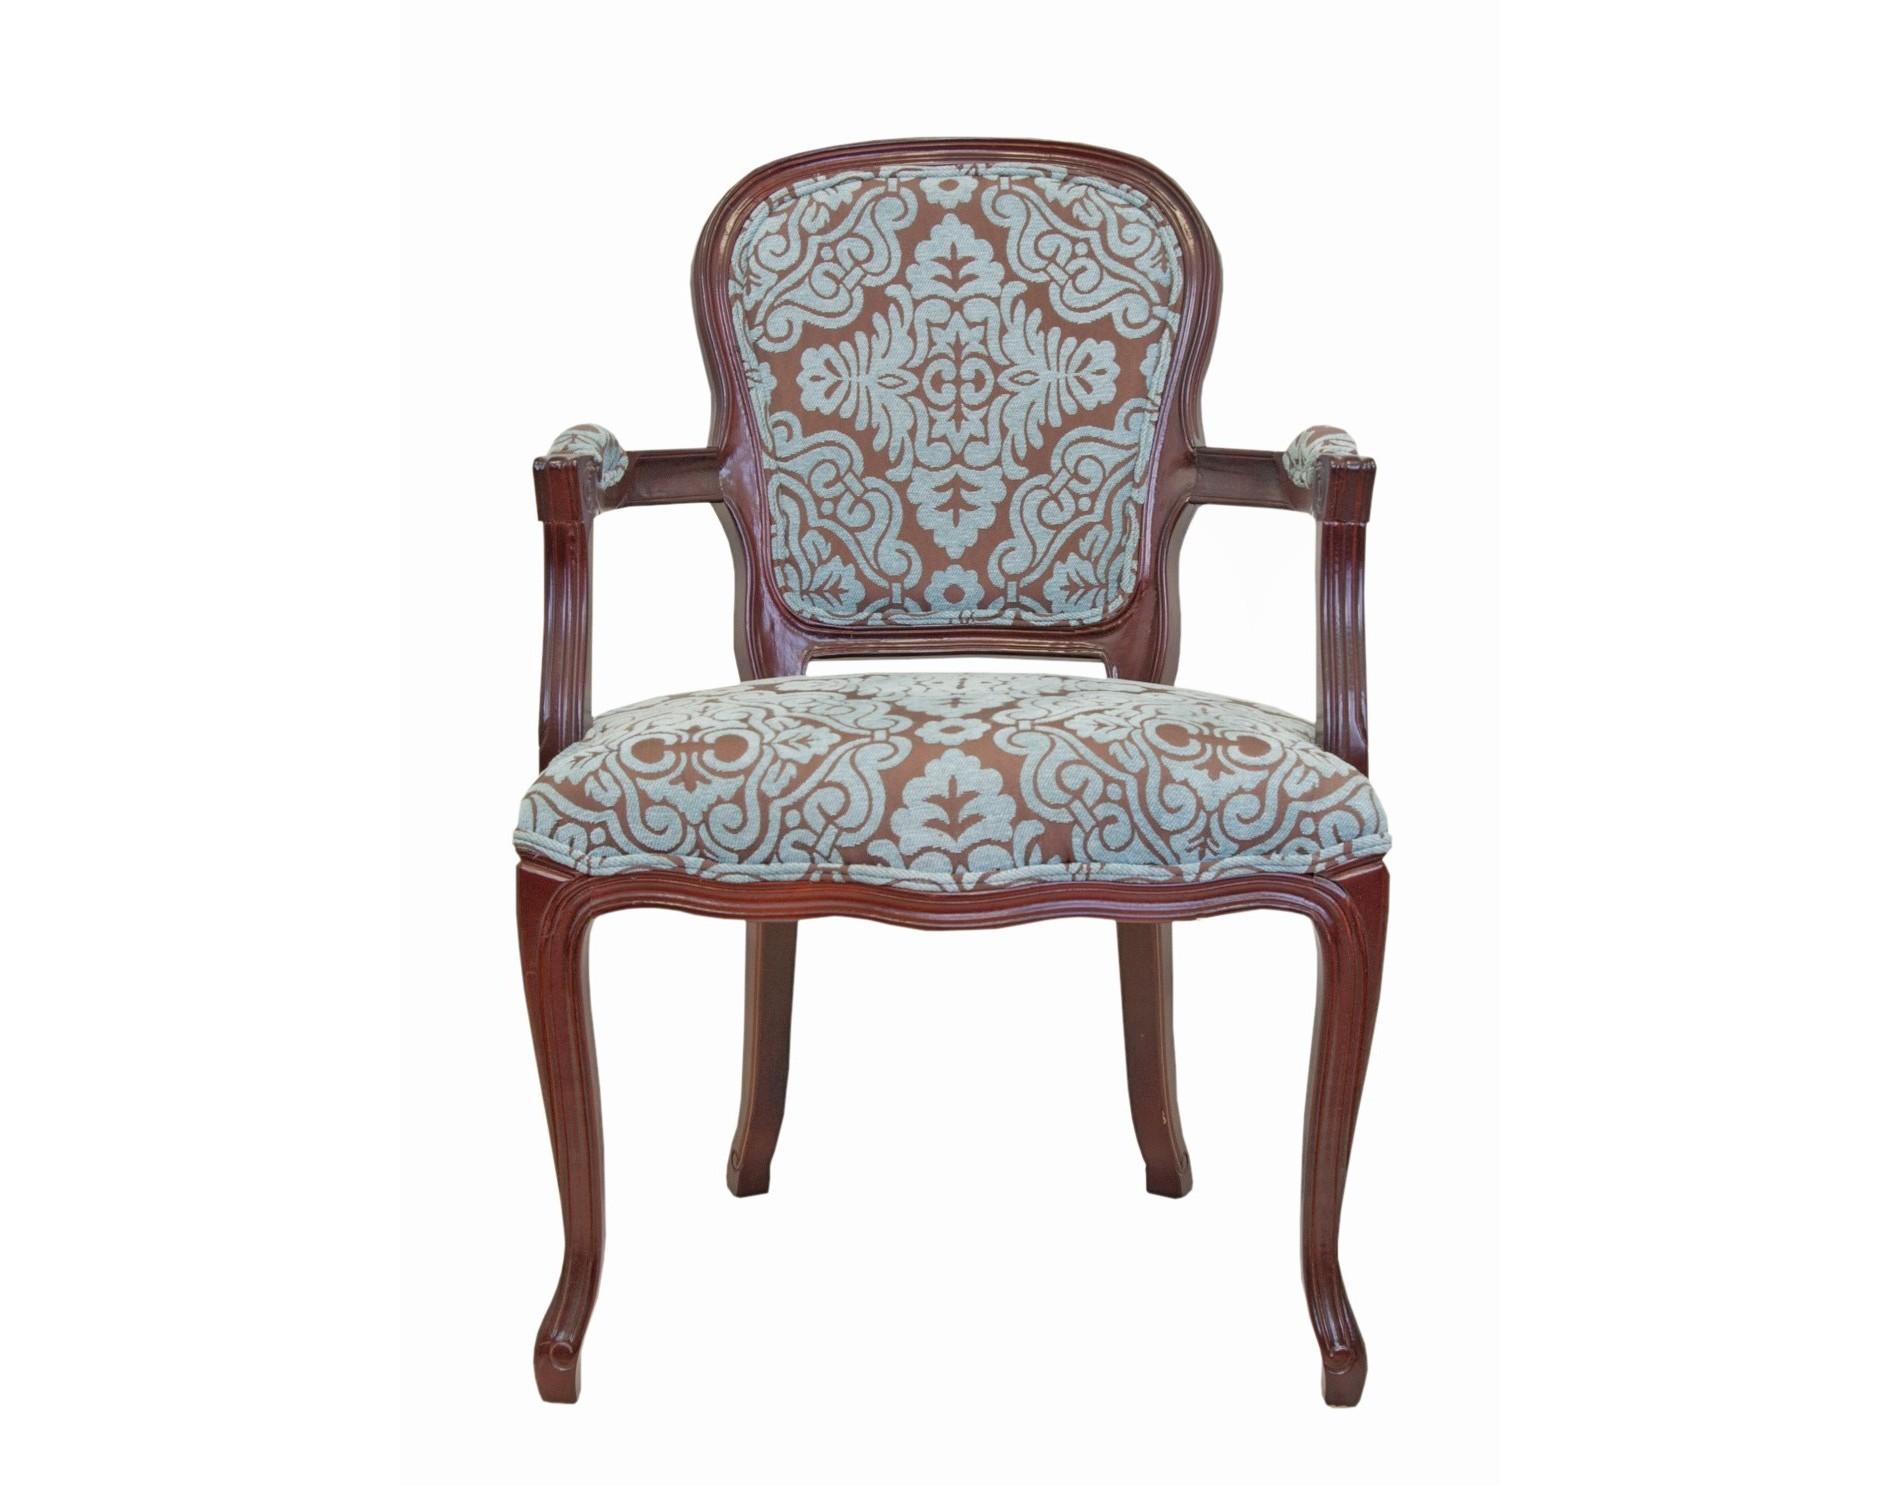 Стул VinteraСтулья с подлокотниками<br>Шикарный мягкий стул Vintera яркий представитель классического дизайна. Основание модели выполнено из массива дерева в приятном тёплом ореховом цвете, а изогнутые ножки дополняют общую задумку и органично поддерживают задумку классического образа. &amp;amp;nbsp;<br><br>Material: Дуб<br>Width см: 64<br>Depth см: 65<br>Height см: 95